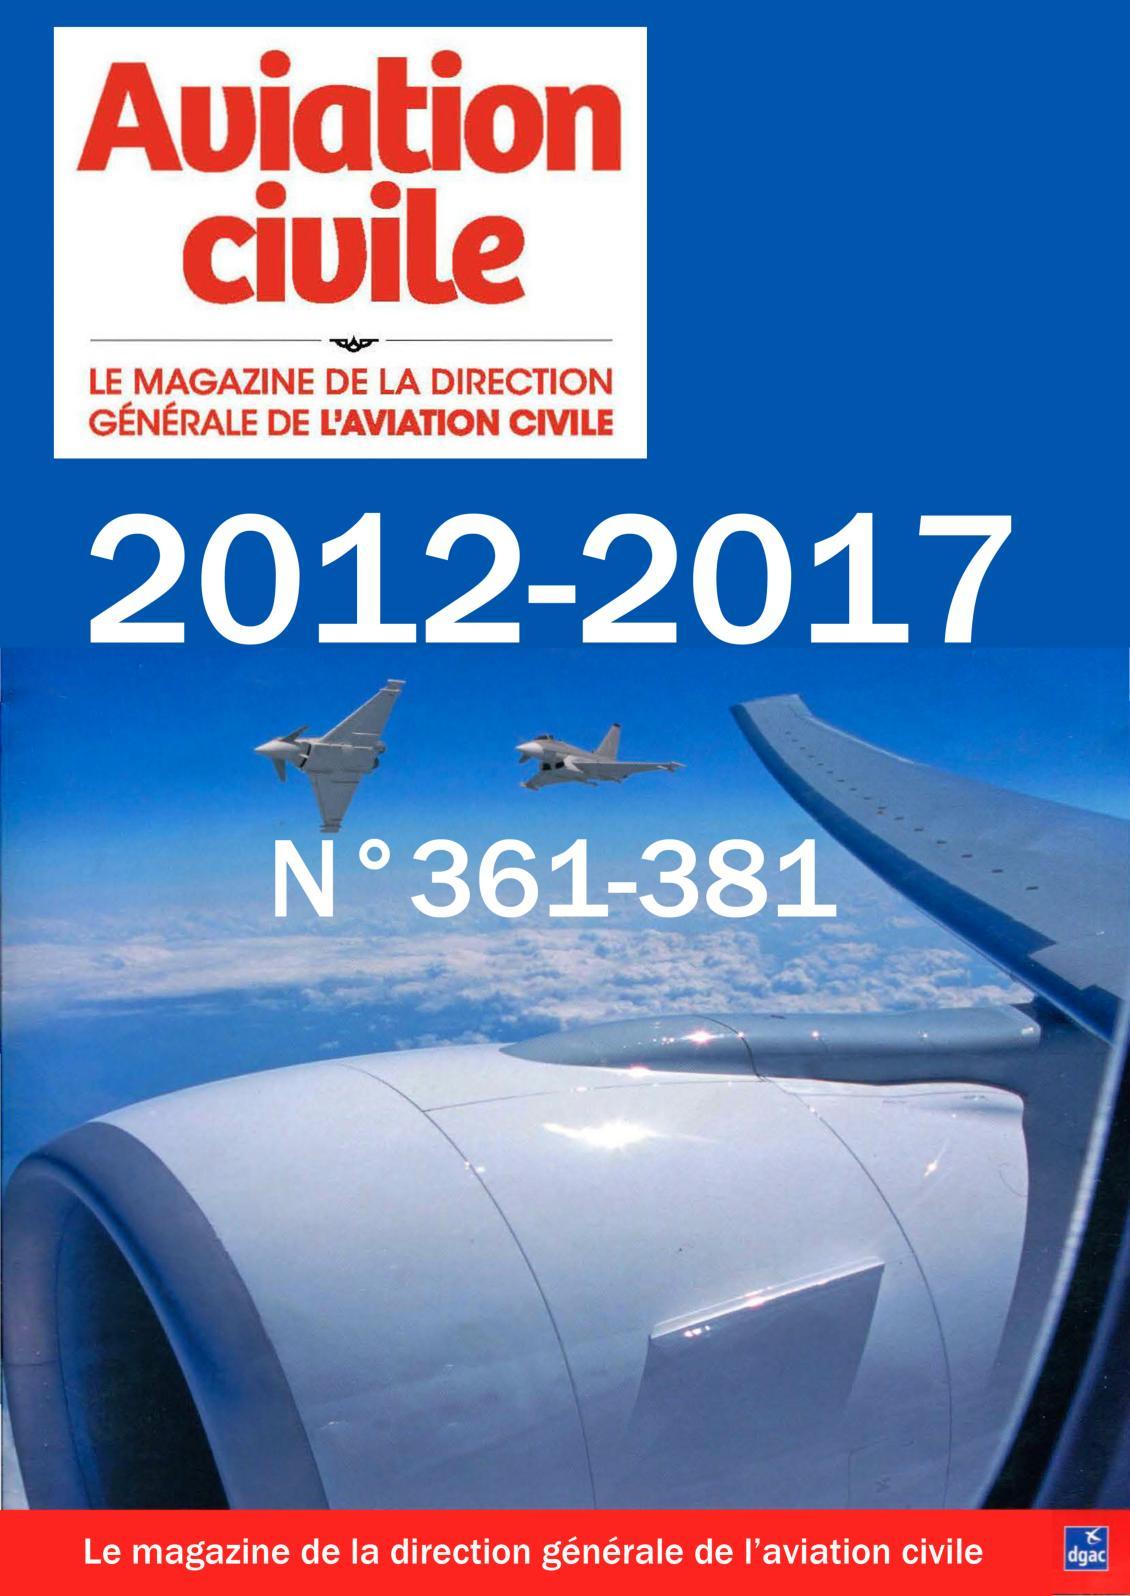 AVIATION OBJECTIF EXPORTATION AVIATION MAGAZINE n° 744 AVIA 534